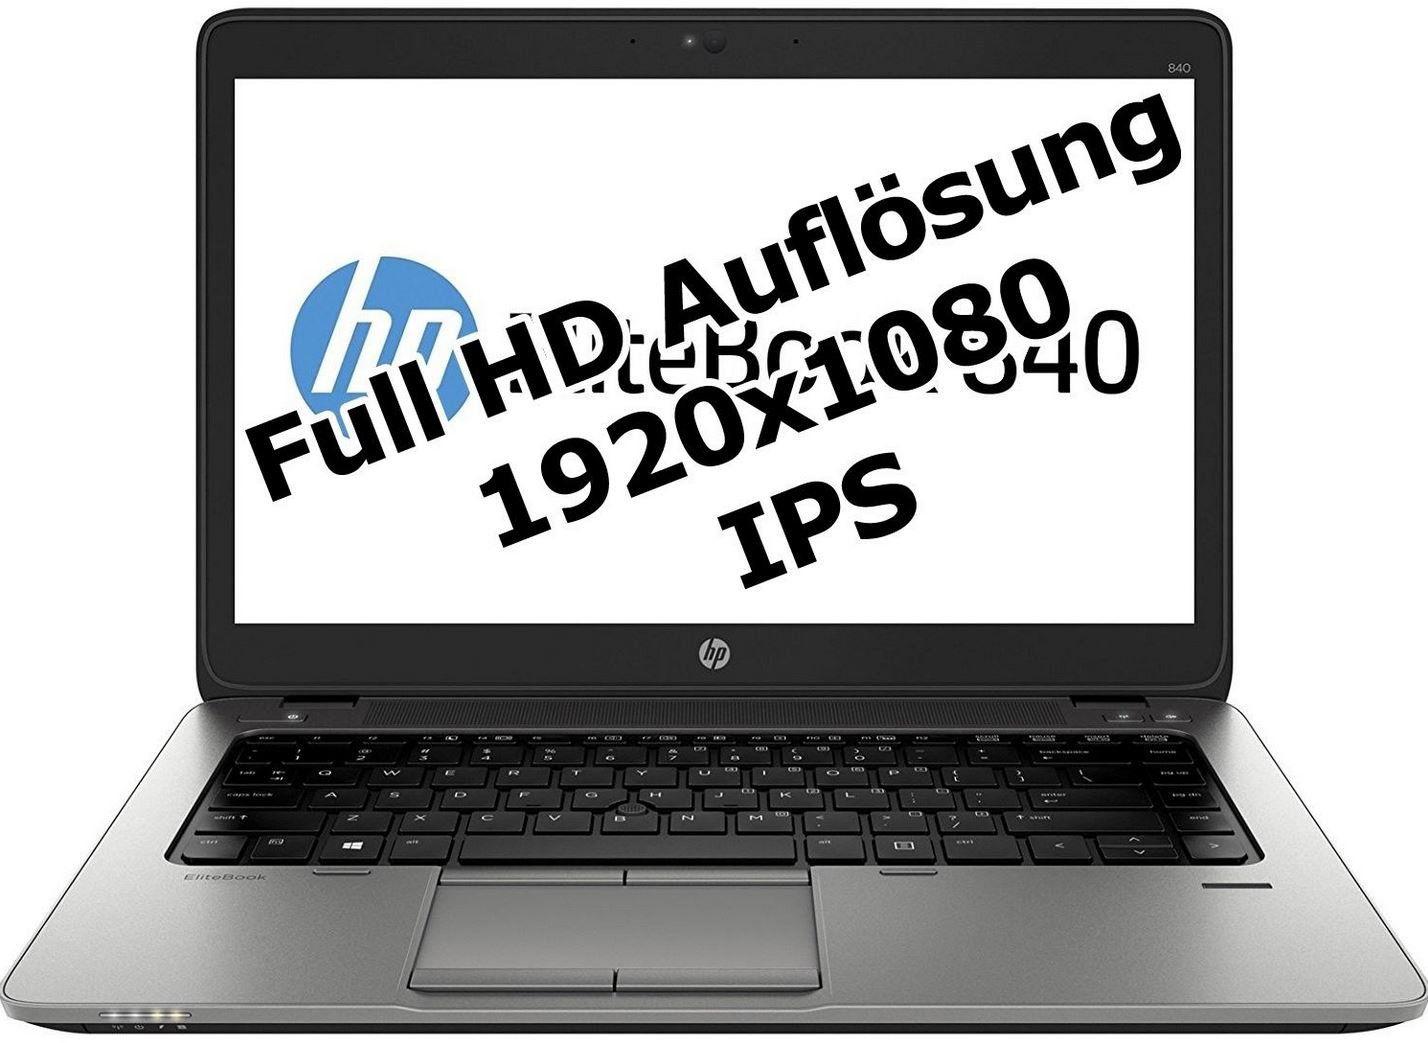 HP Elitebook 840   14 Zoll Full HD Notebook mit 256GB SSD [refurb.] für 219,60€ (statt 399€ neu)